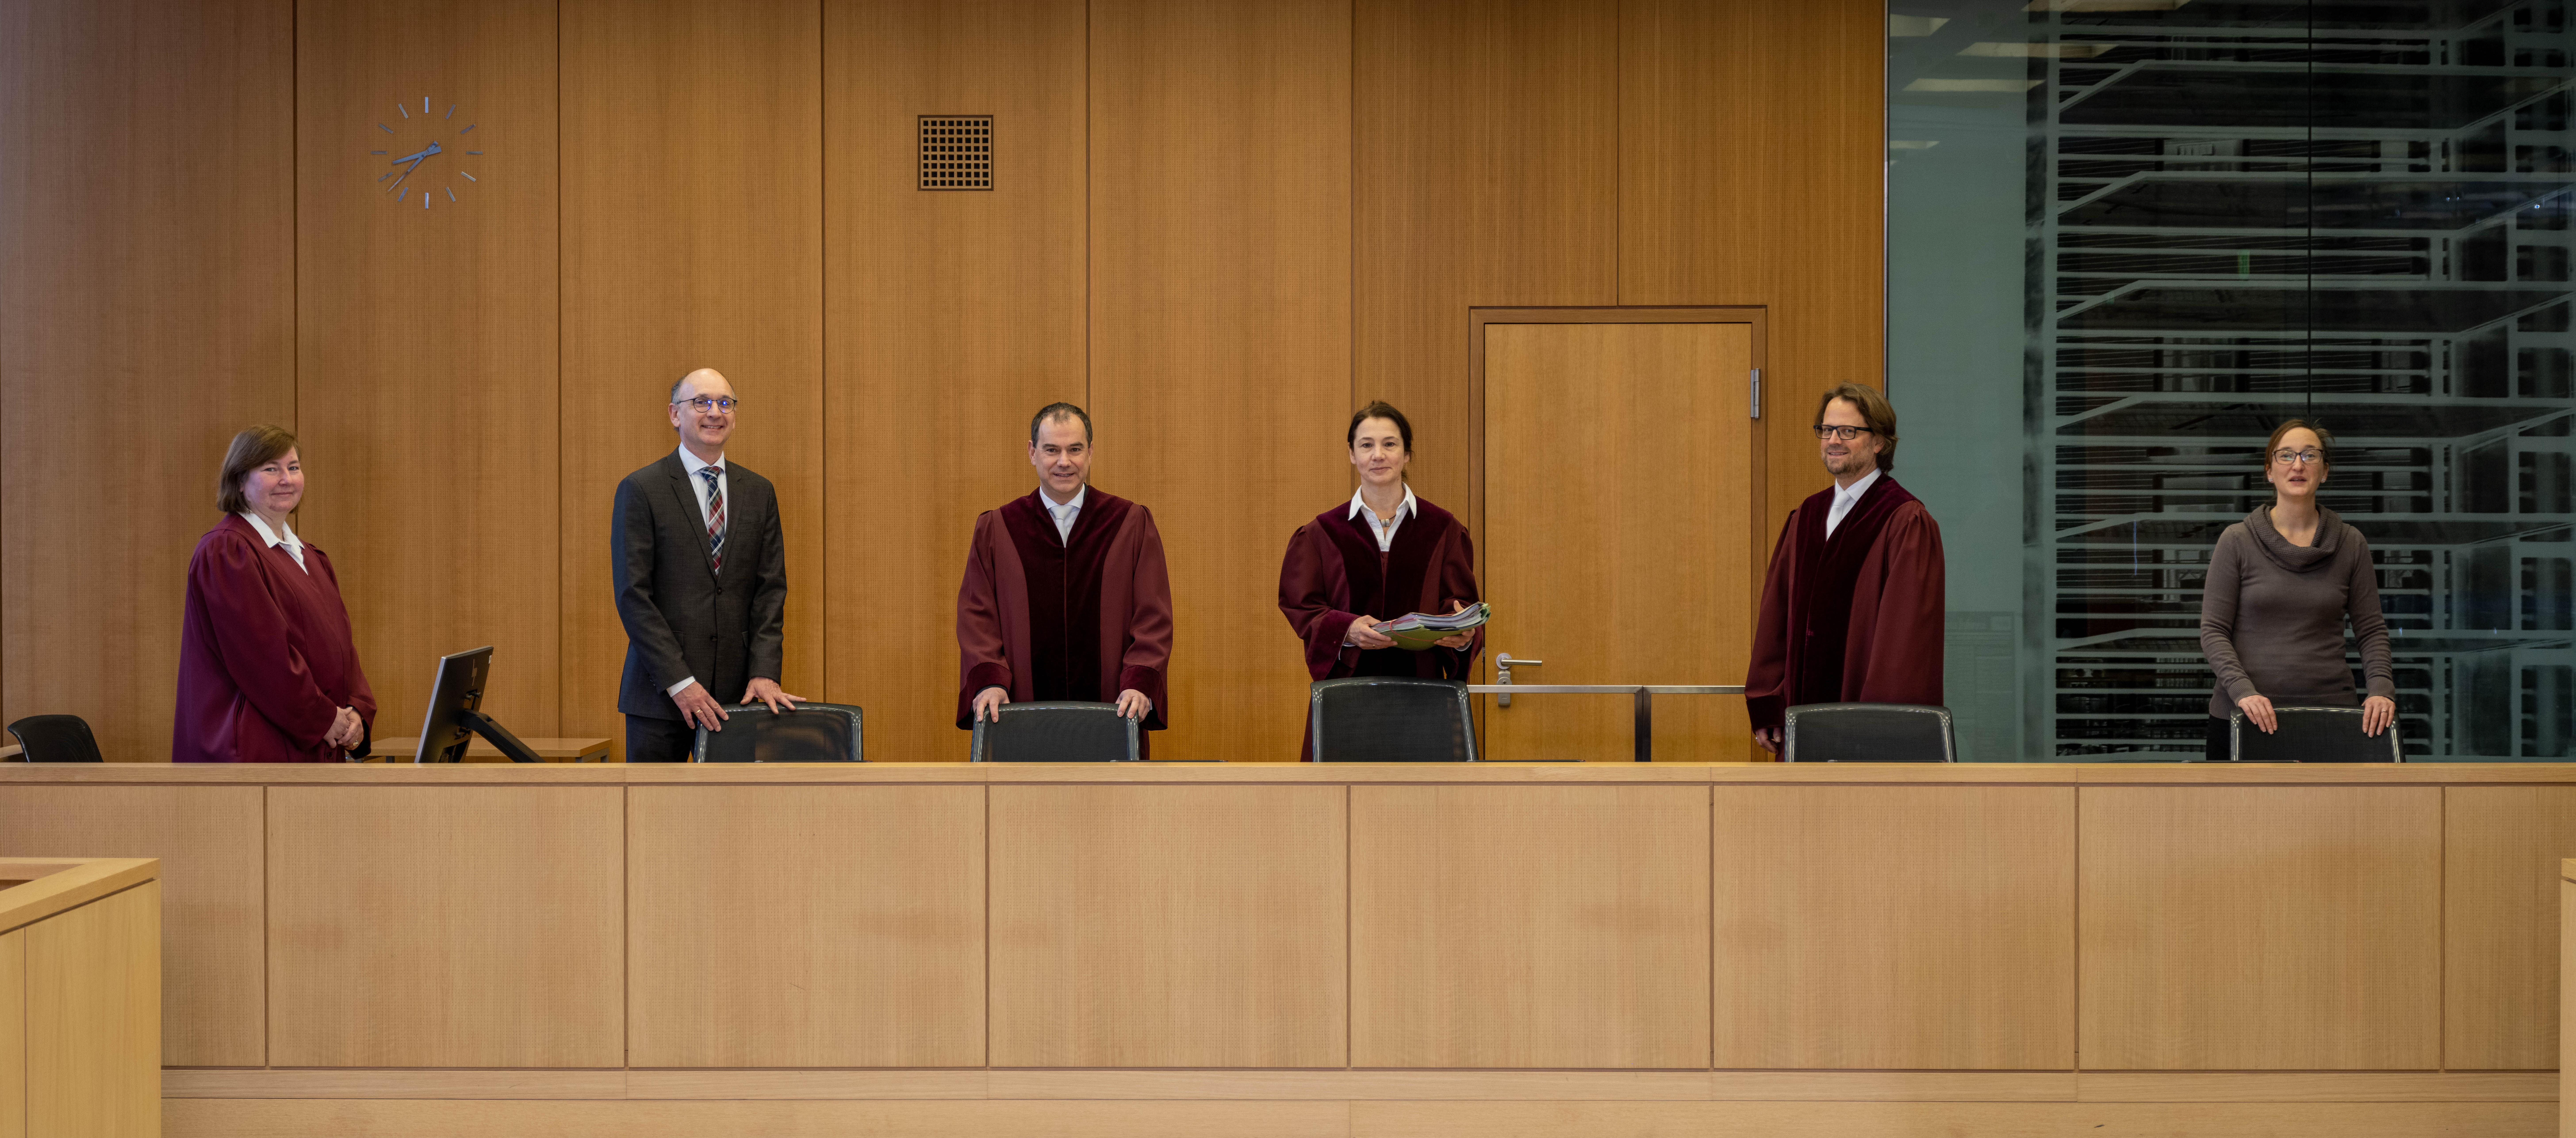 Beispielbild des Siebten Senats des Bundesarbeitsgerichts